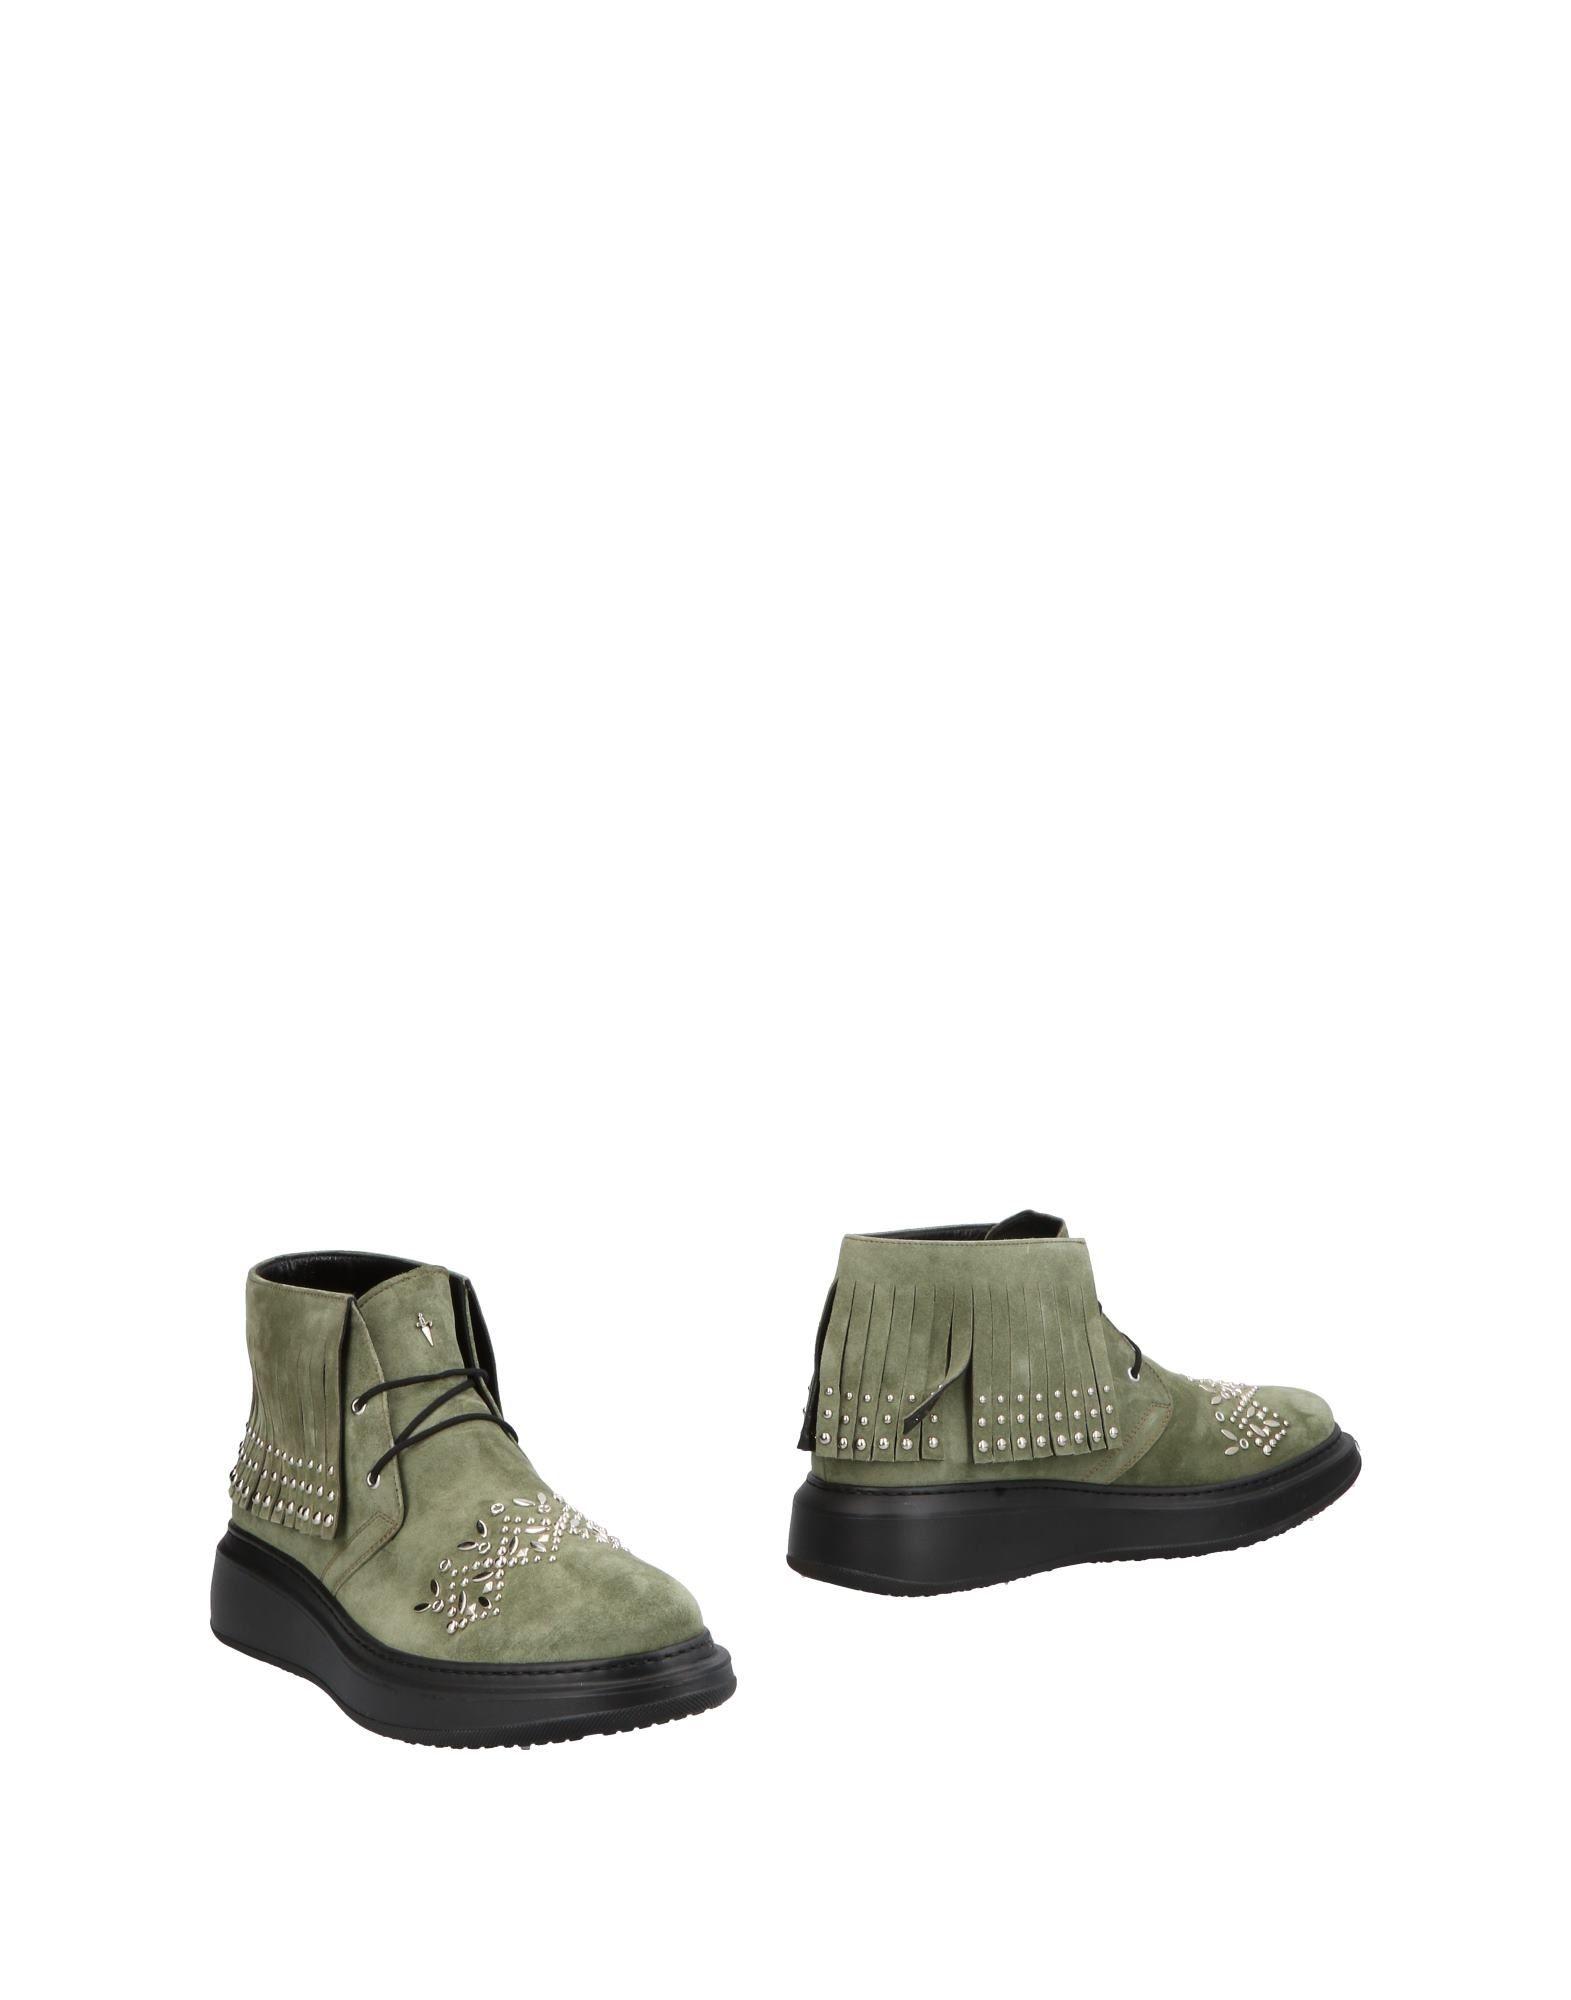 Cesare Paciotti Stiefelette Herren  11505027AB Gute Qualität beliebte Schuhe